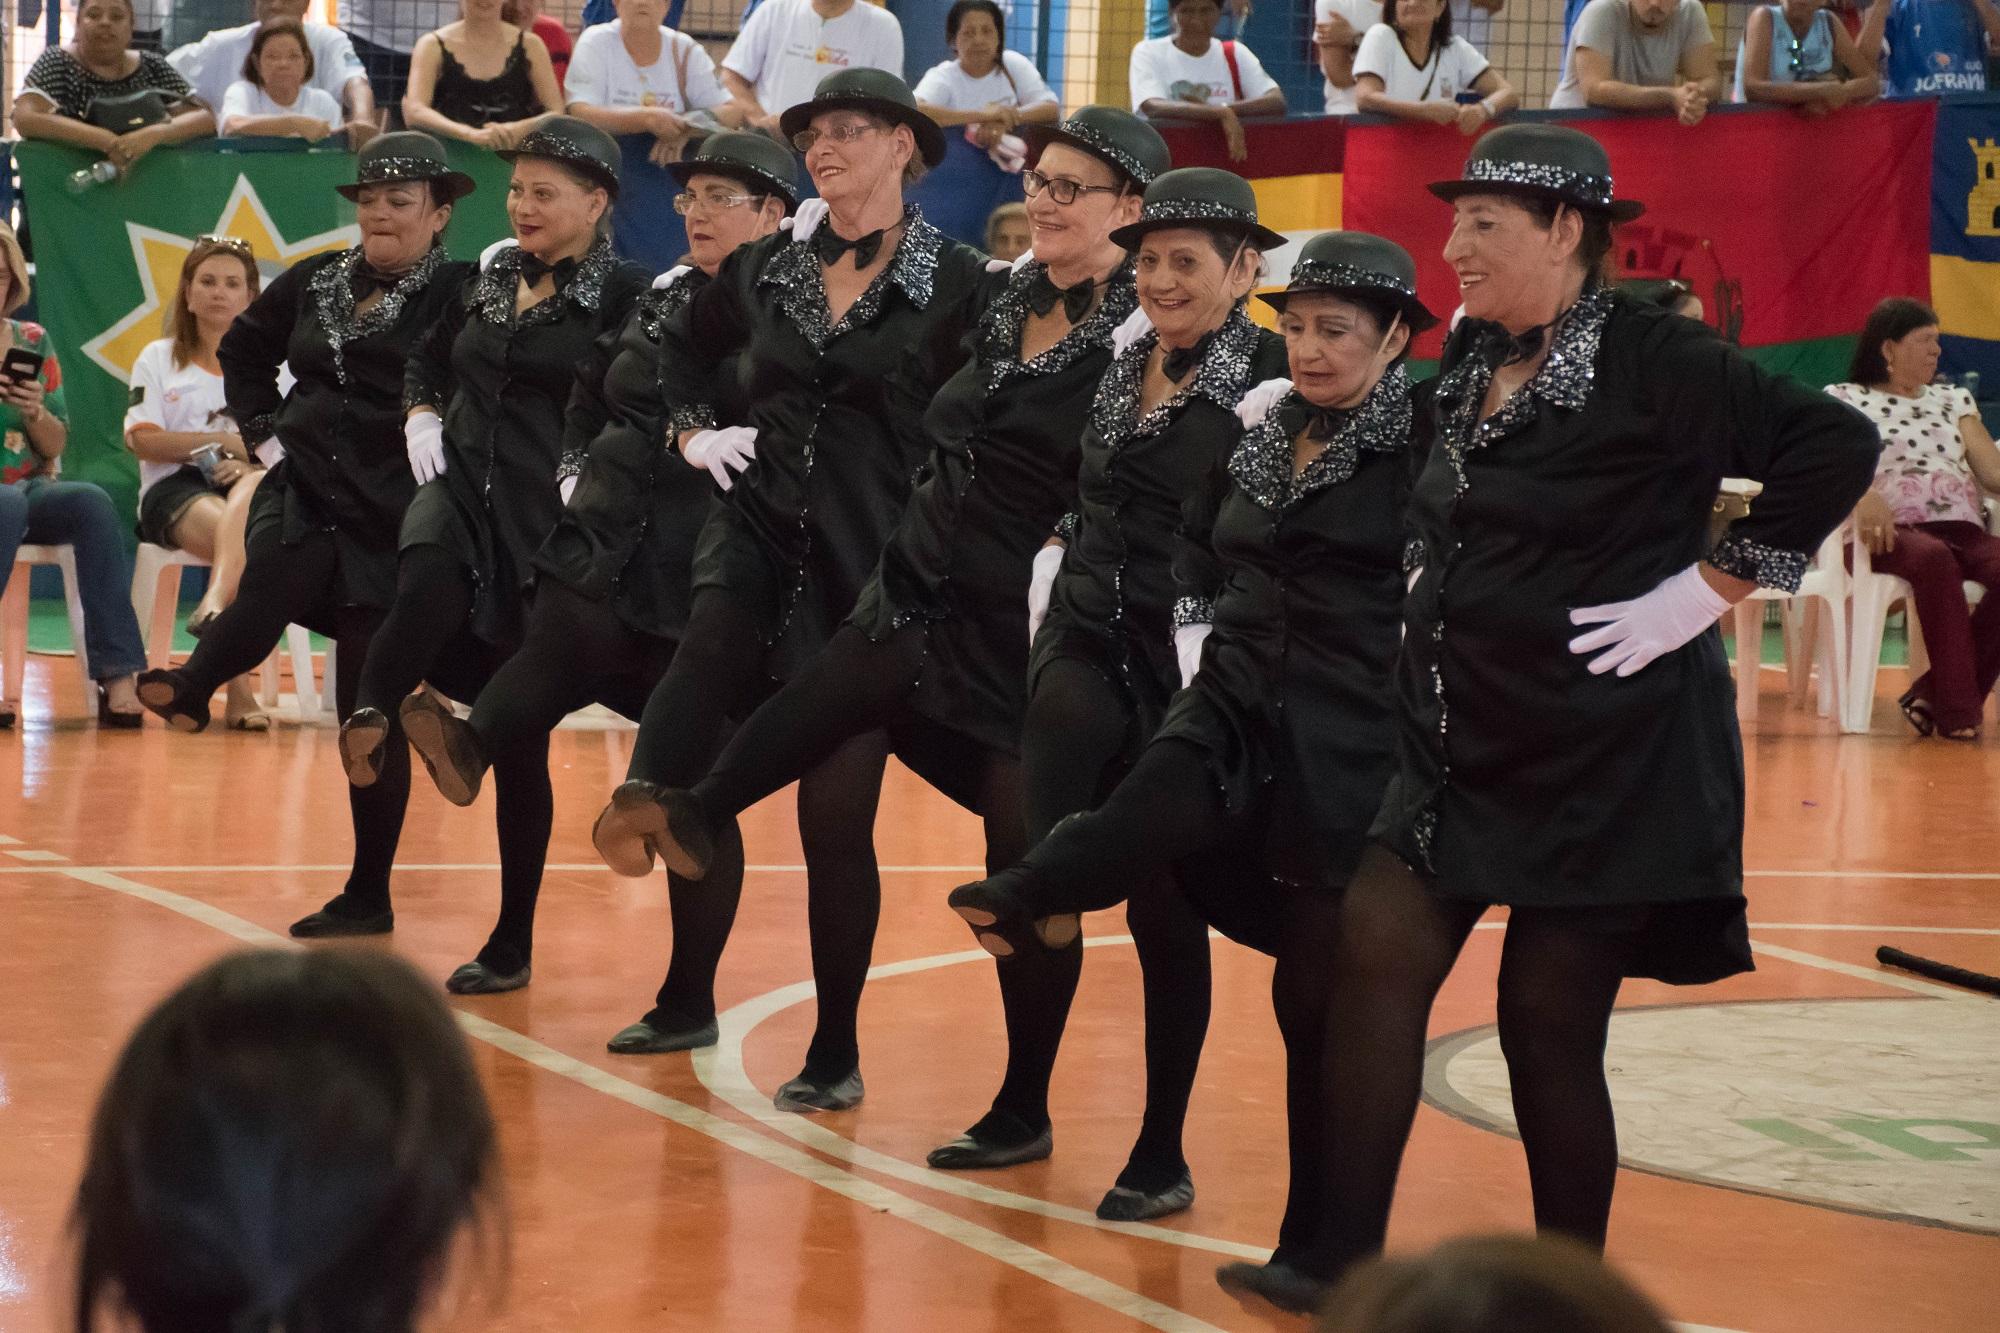 Apresentação da coreografia da equipe urupeense.